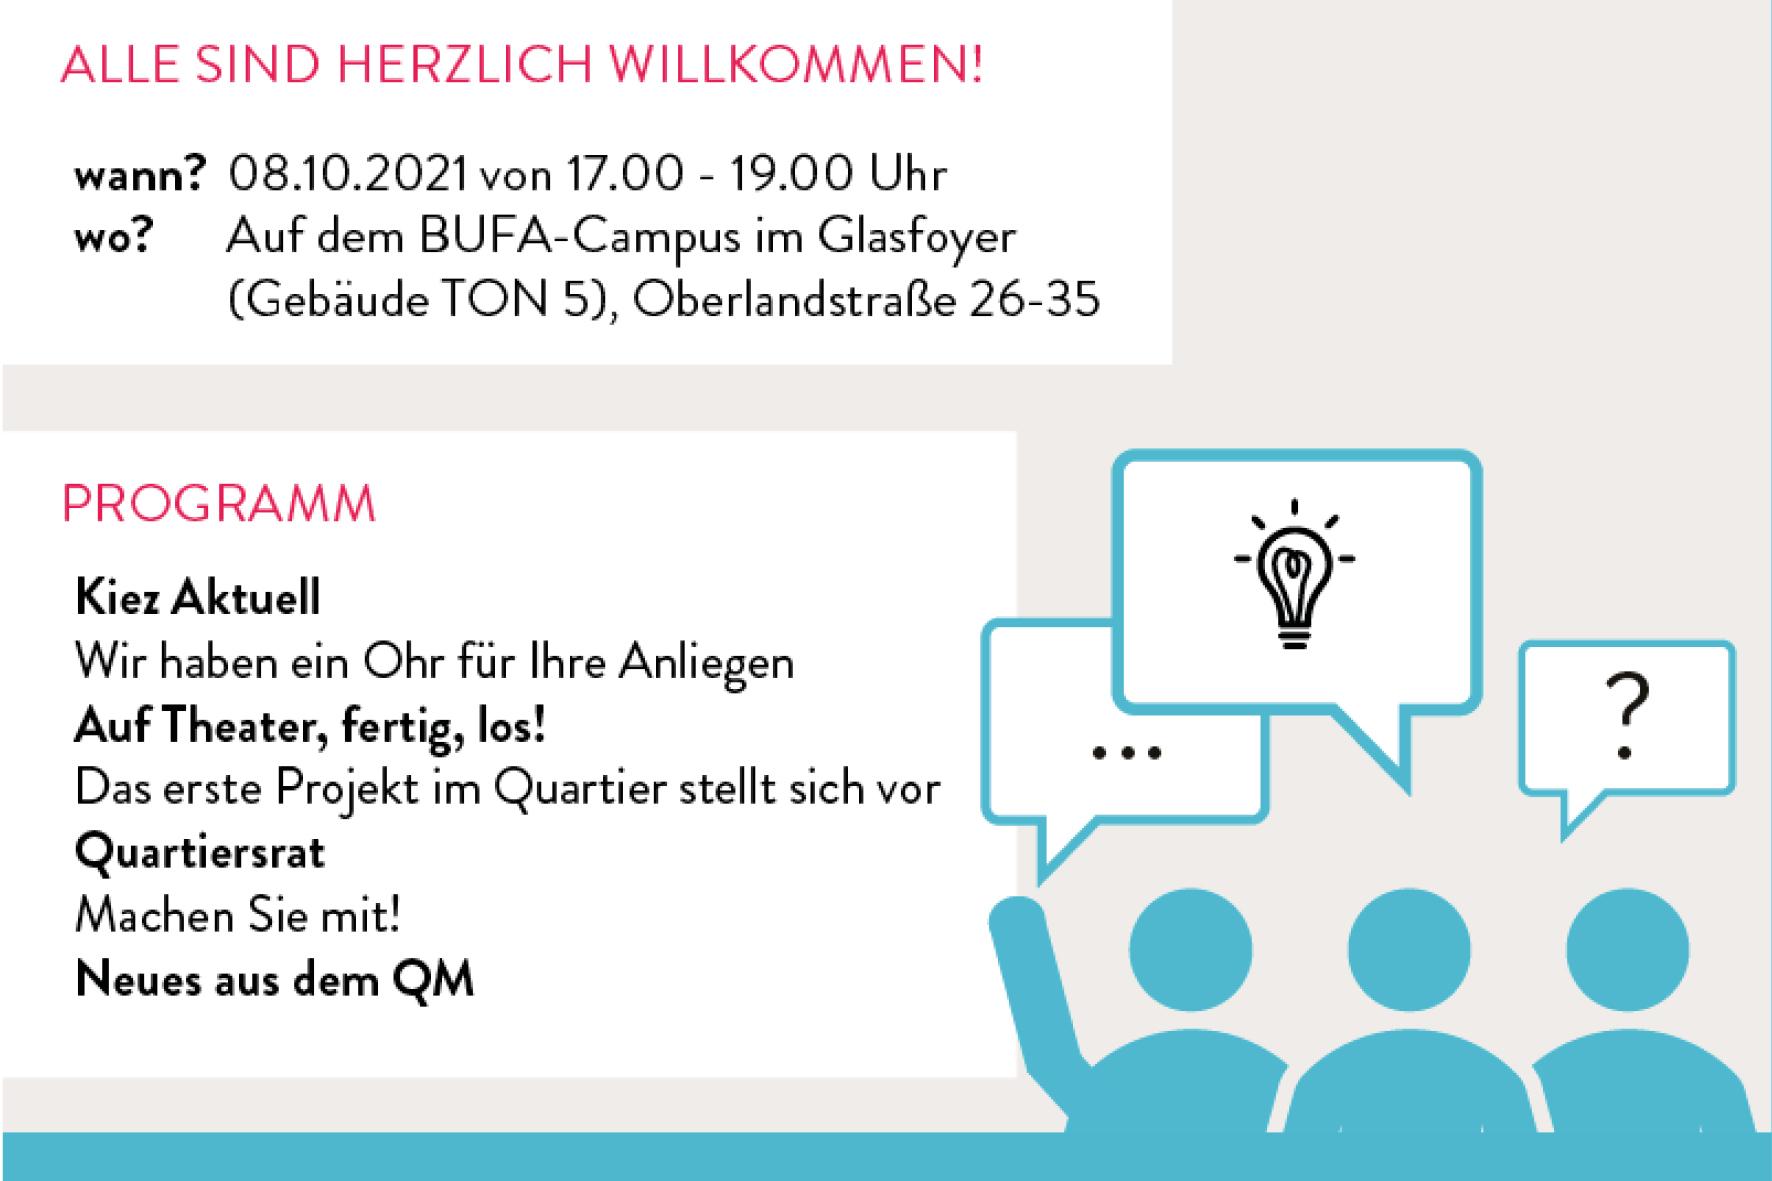 2. Forum Germaniagarten am 08.10.21